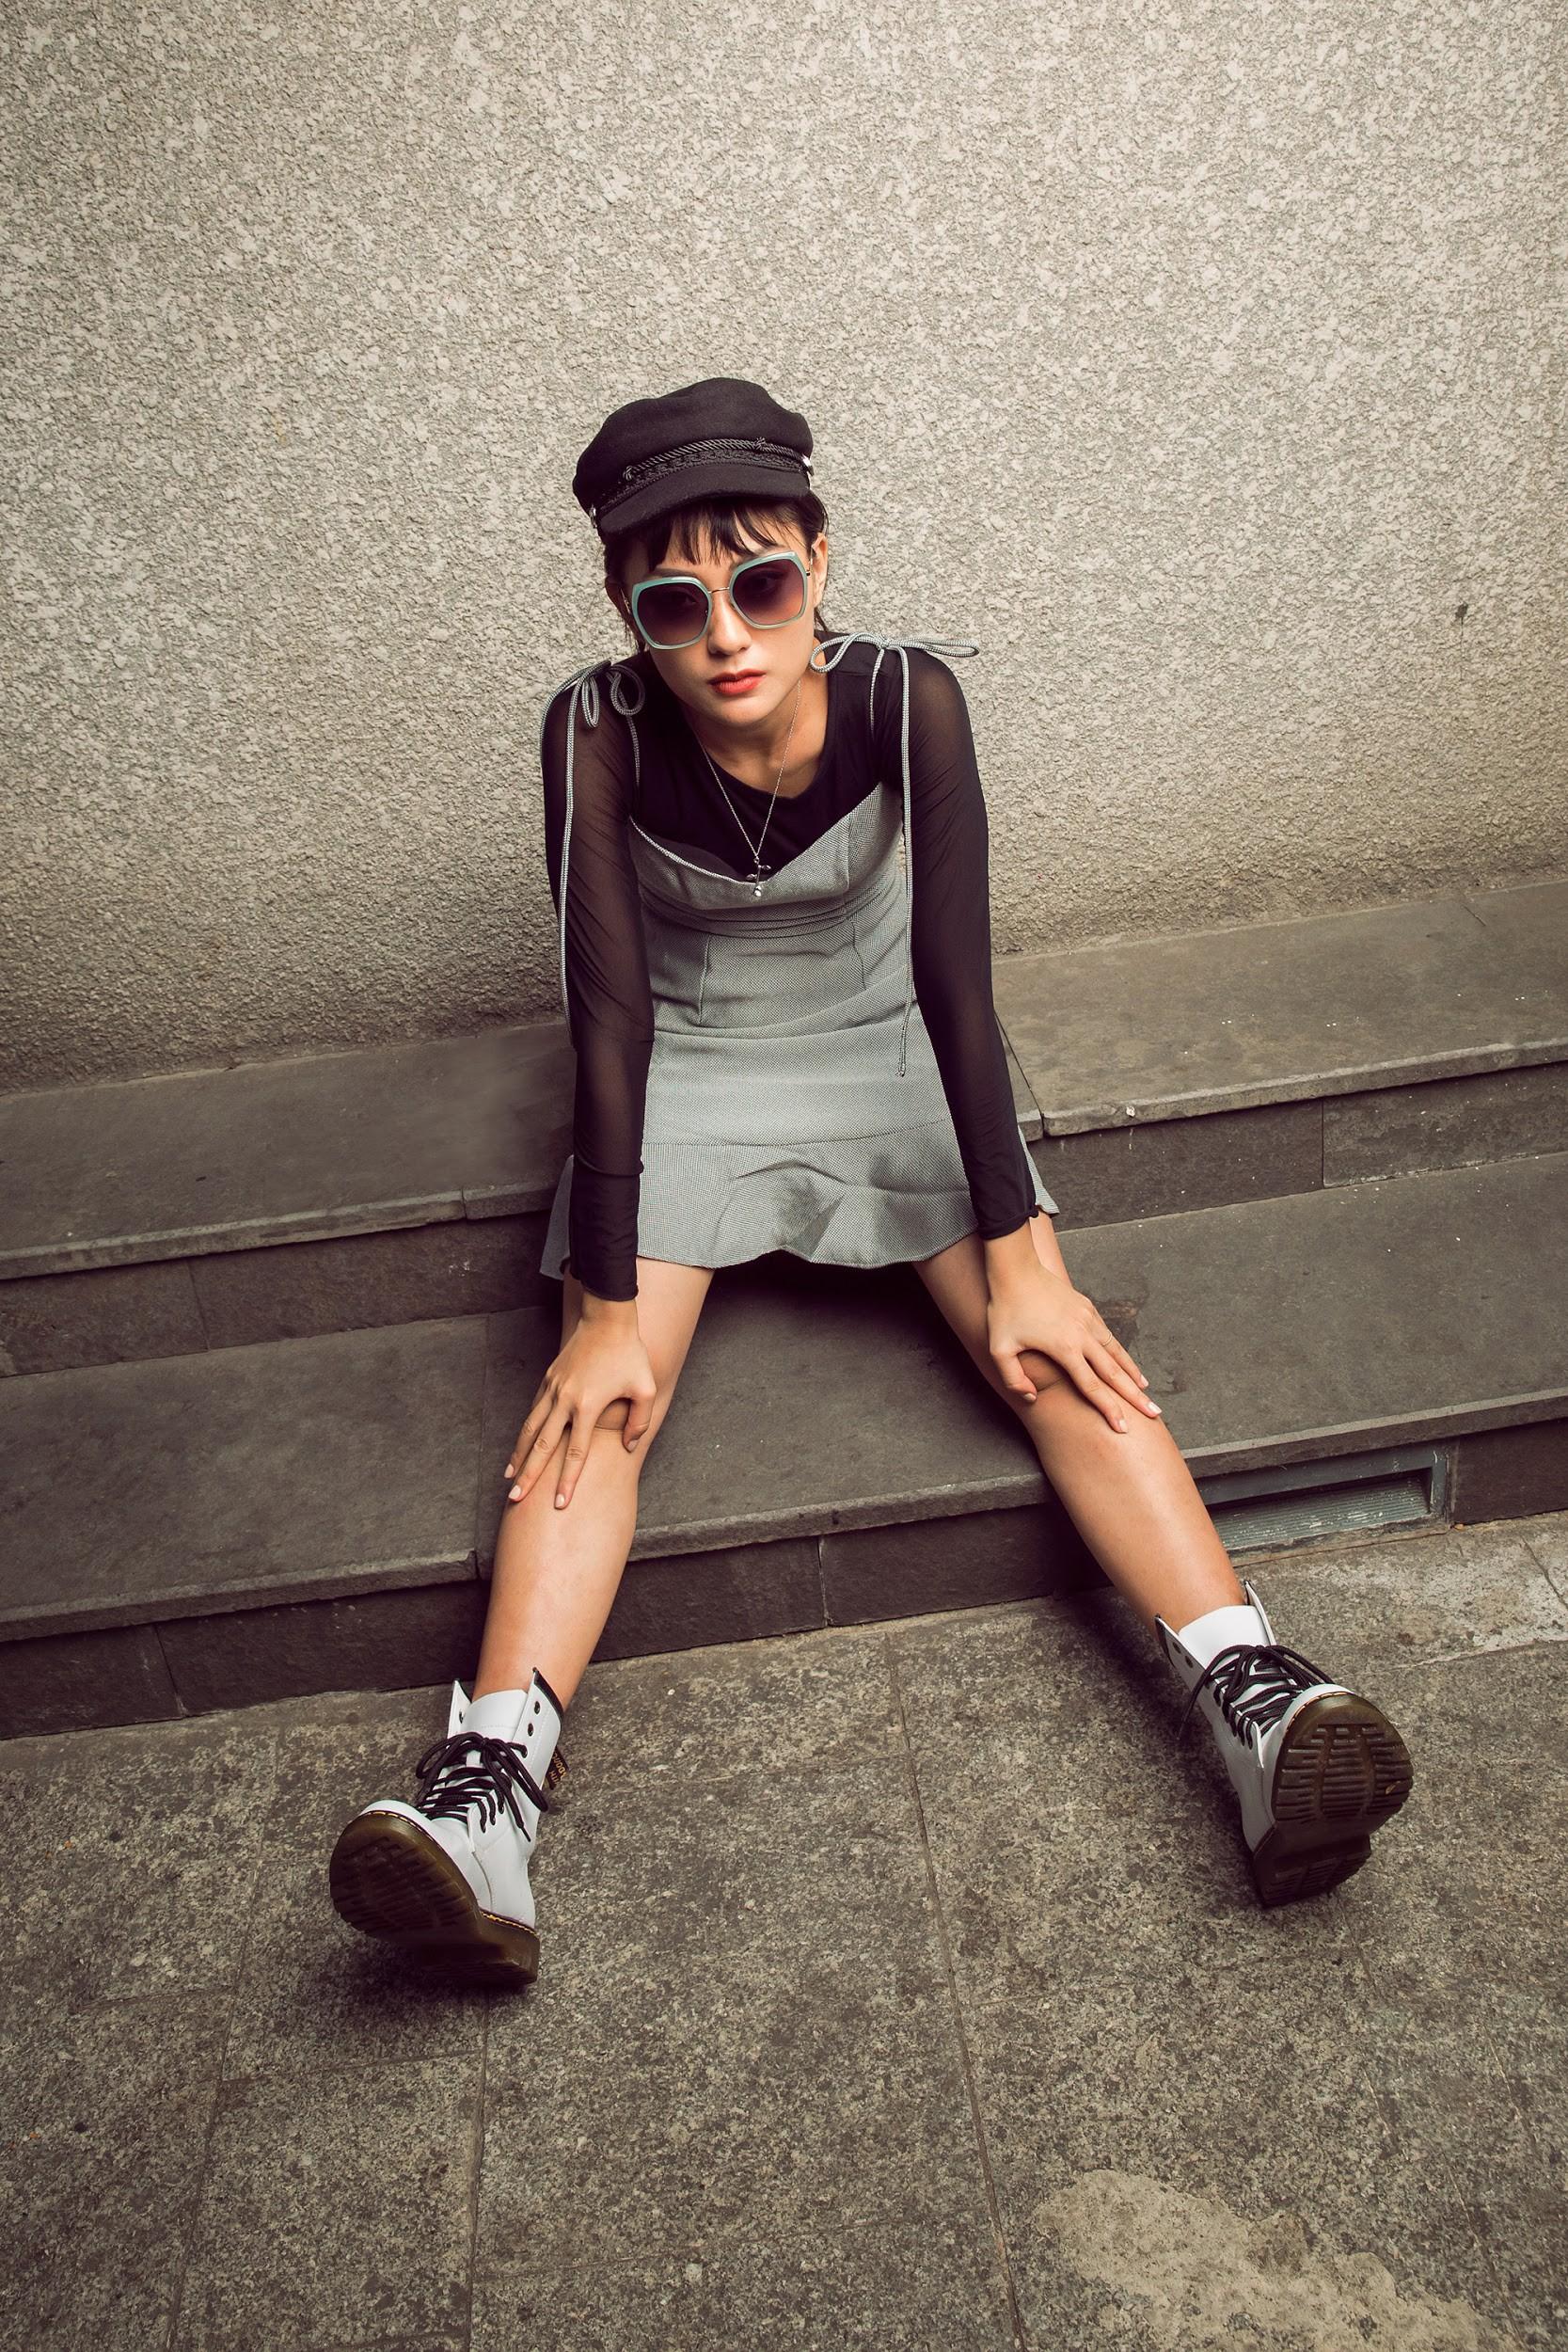 Thu Anh - Duy Linh cùng tôn vinh phong cách thời trang giới trẻ với Molsion Eyewear - Ảnh 9.